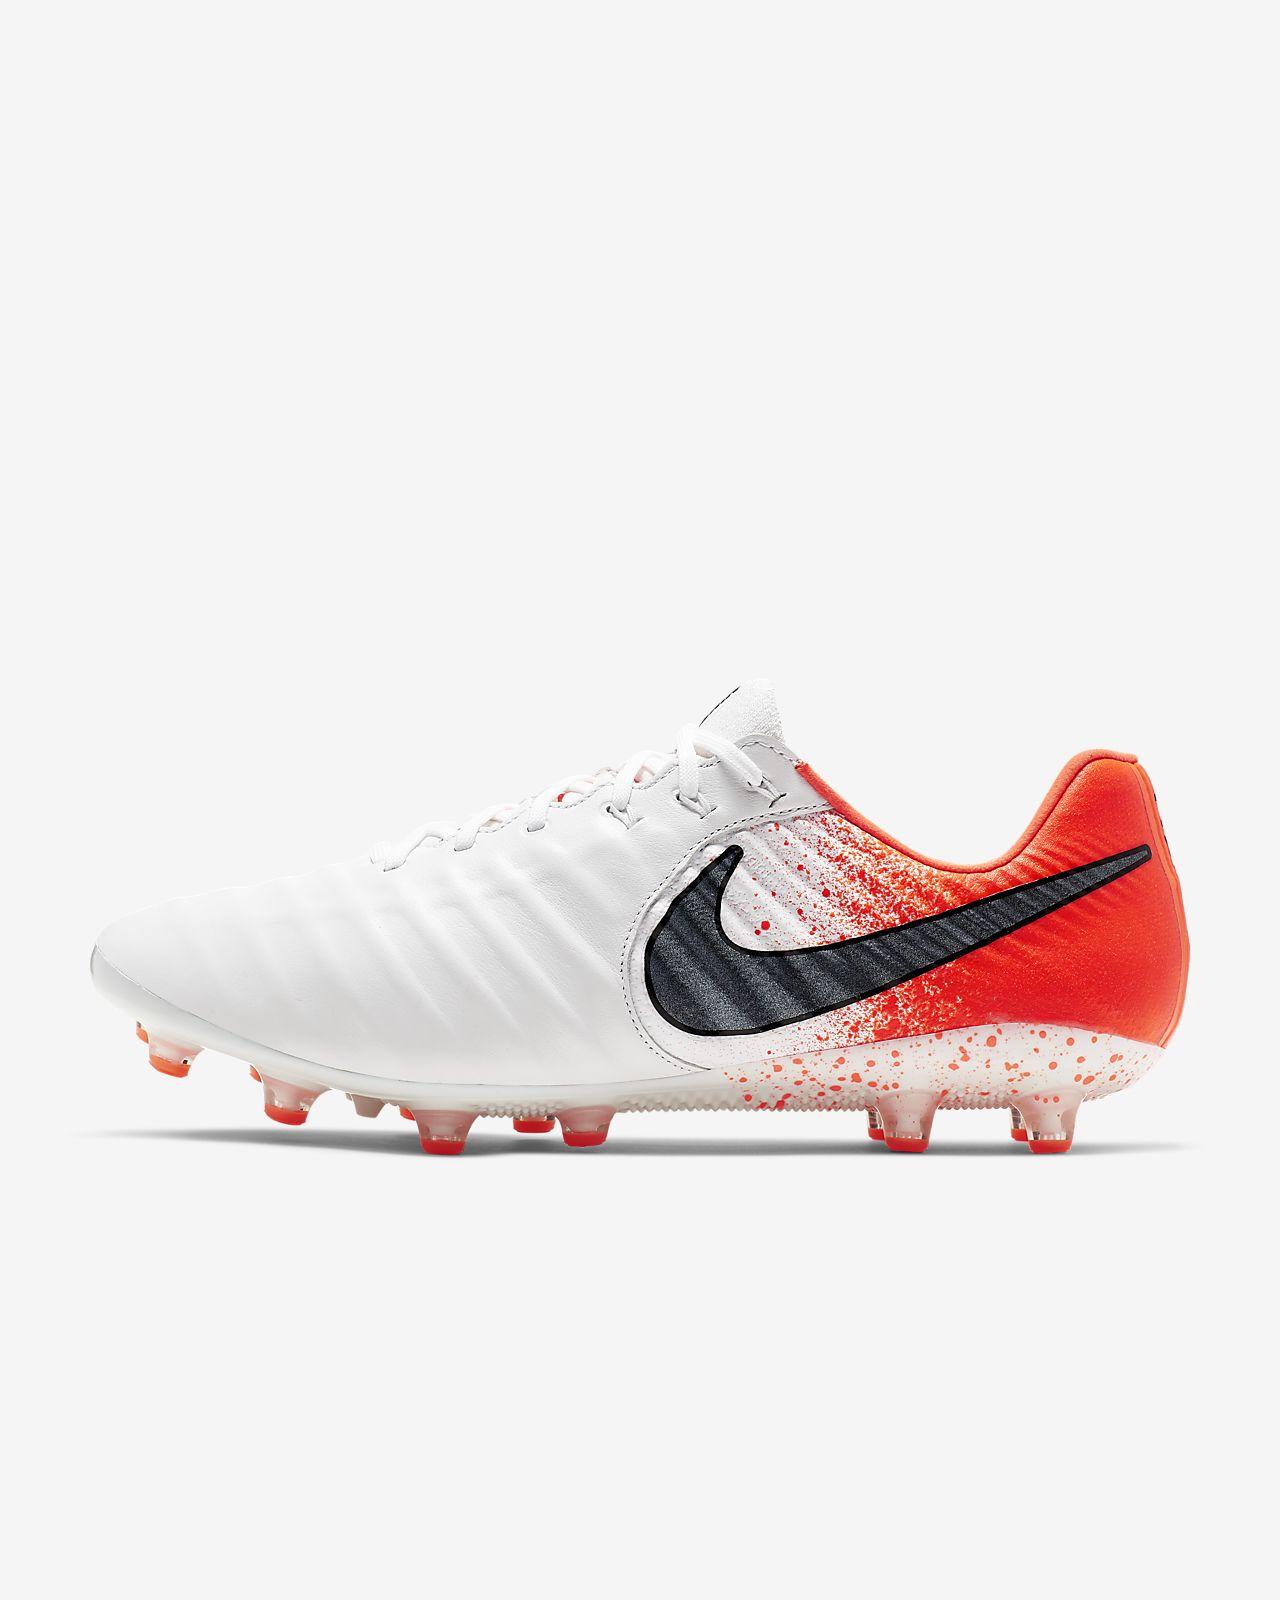 Pour Terrain Nike Vii Football Ag À Crampons Synthétique Legend Pro Chaussure De Elite wZN8n0OPkX